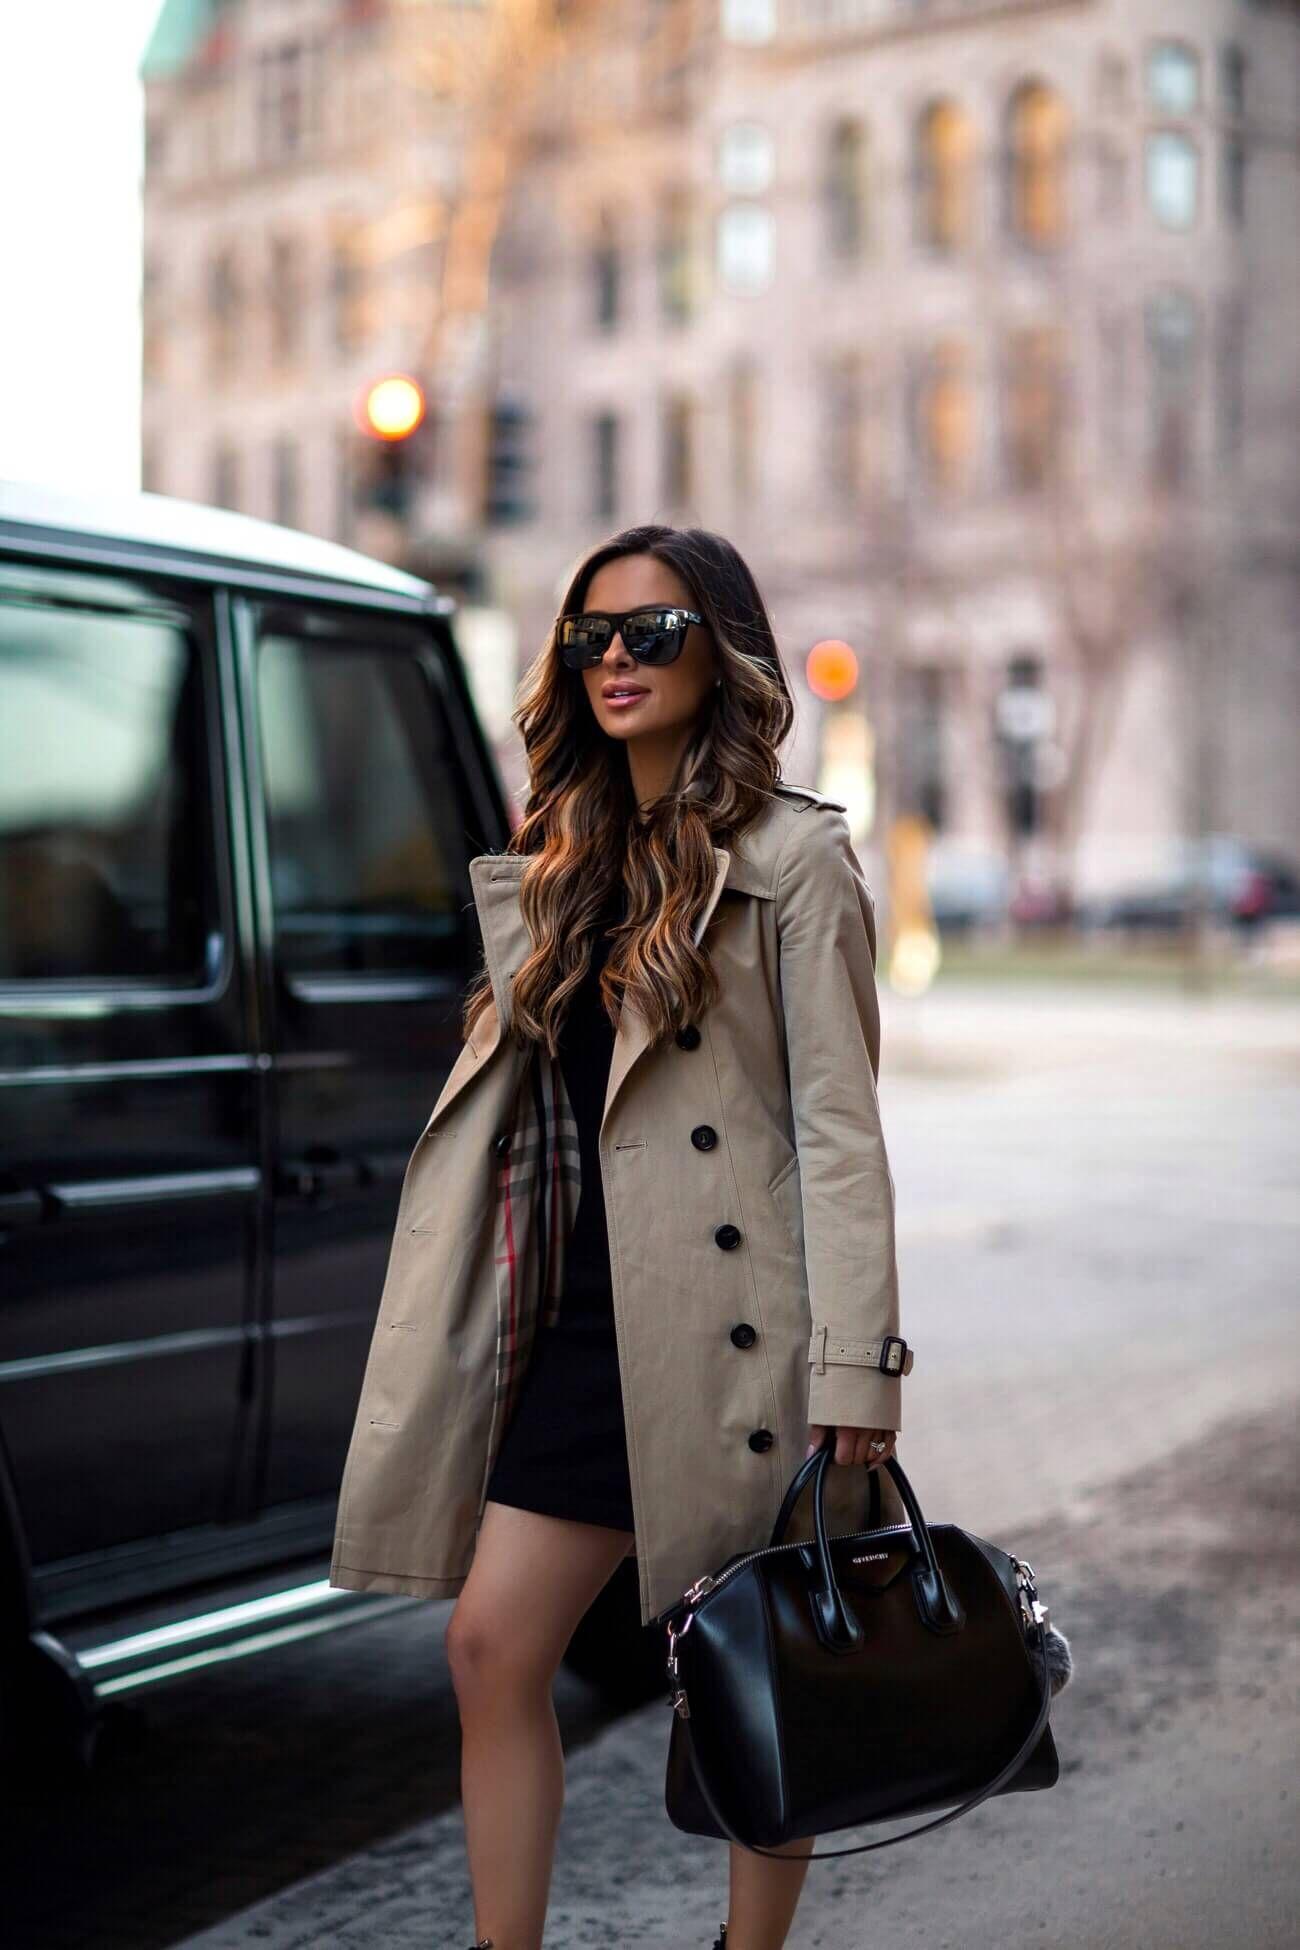 c77ad4c571 fashion blogger mia mia mine wearing a givenchy antigona bag and a burberry  trench coat